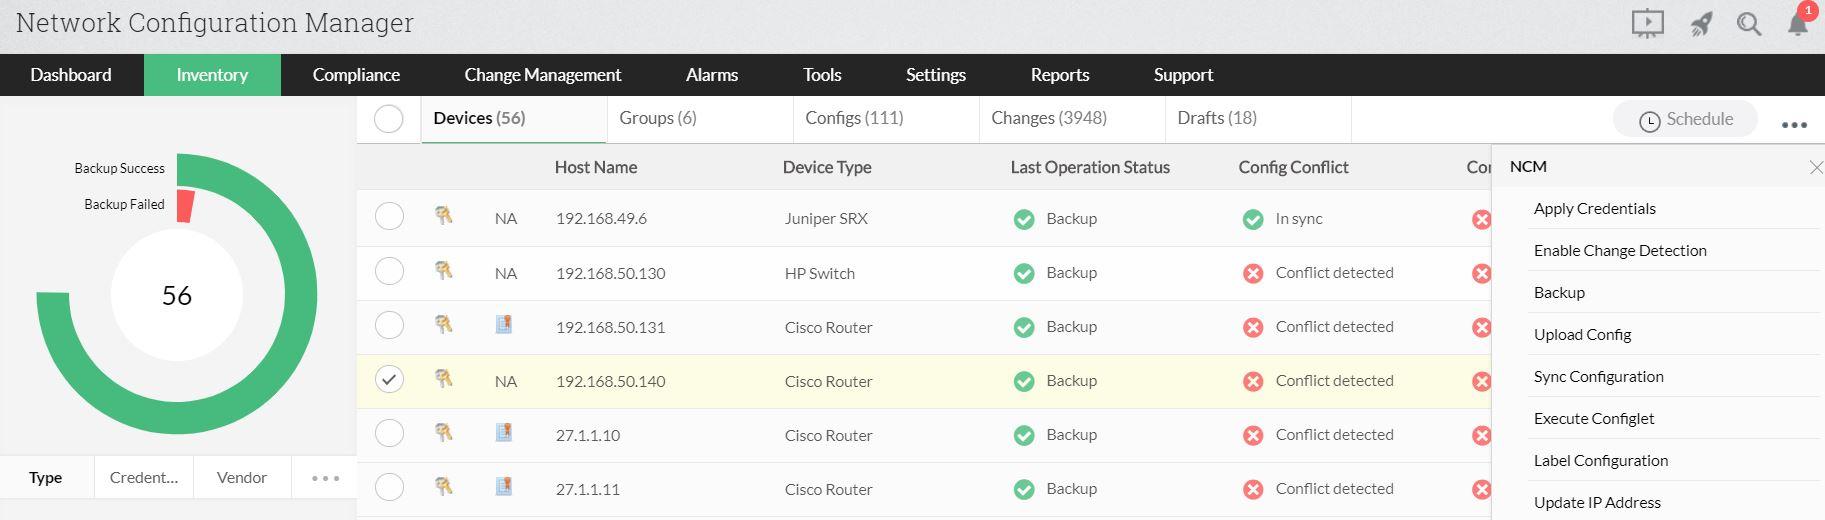 Manuell säkerhetskopiering av nätverkskonfiguration - ManageEngine Network Configuration Manager